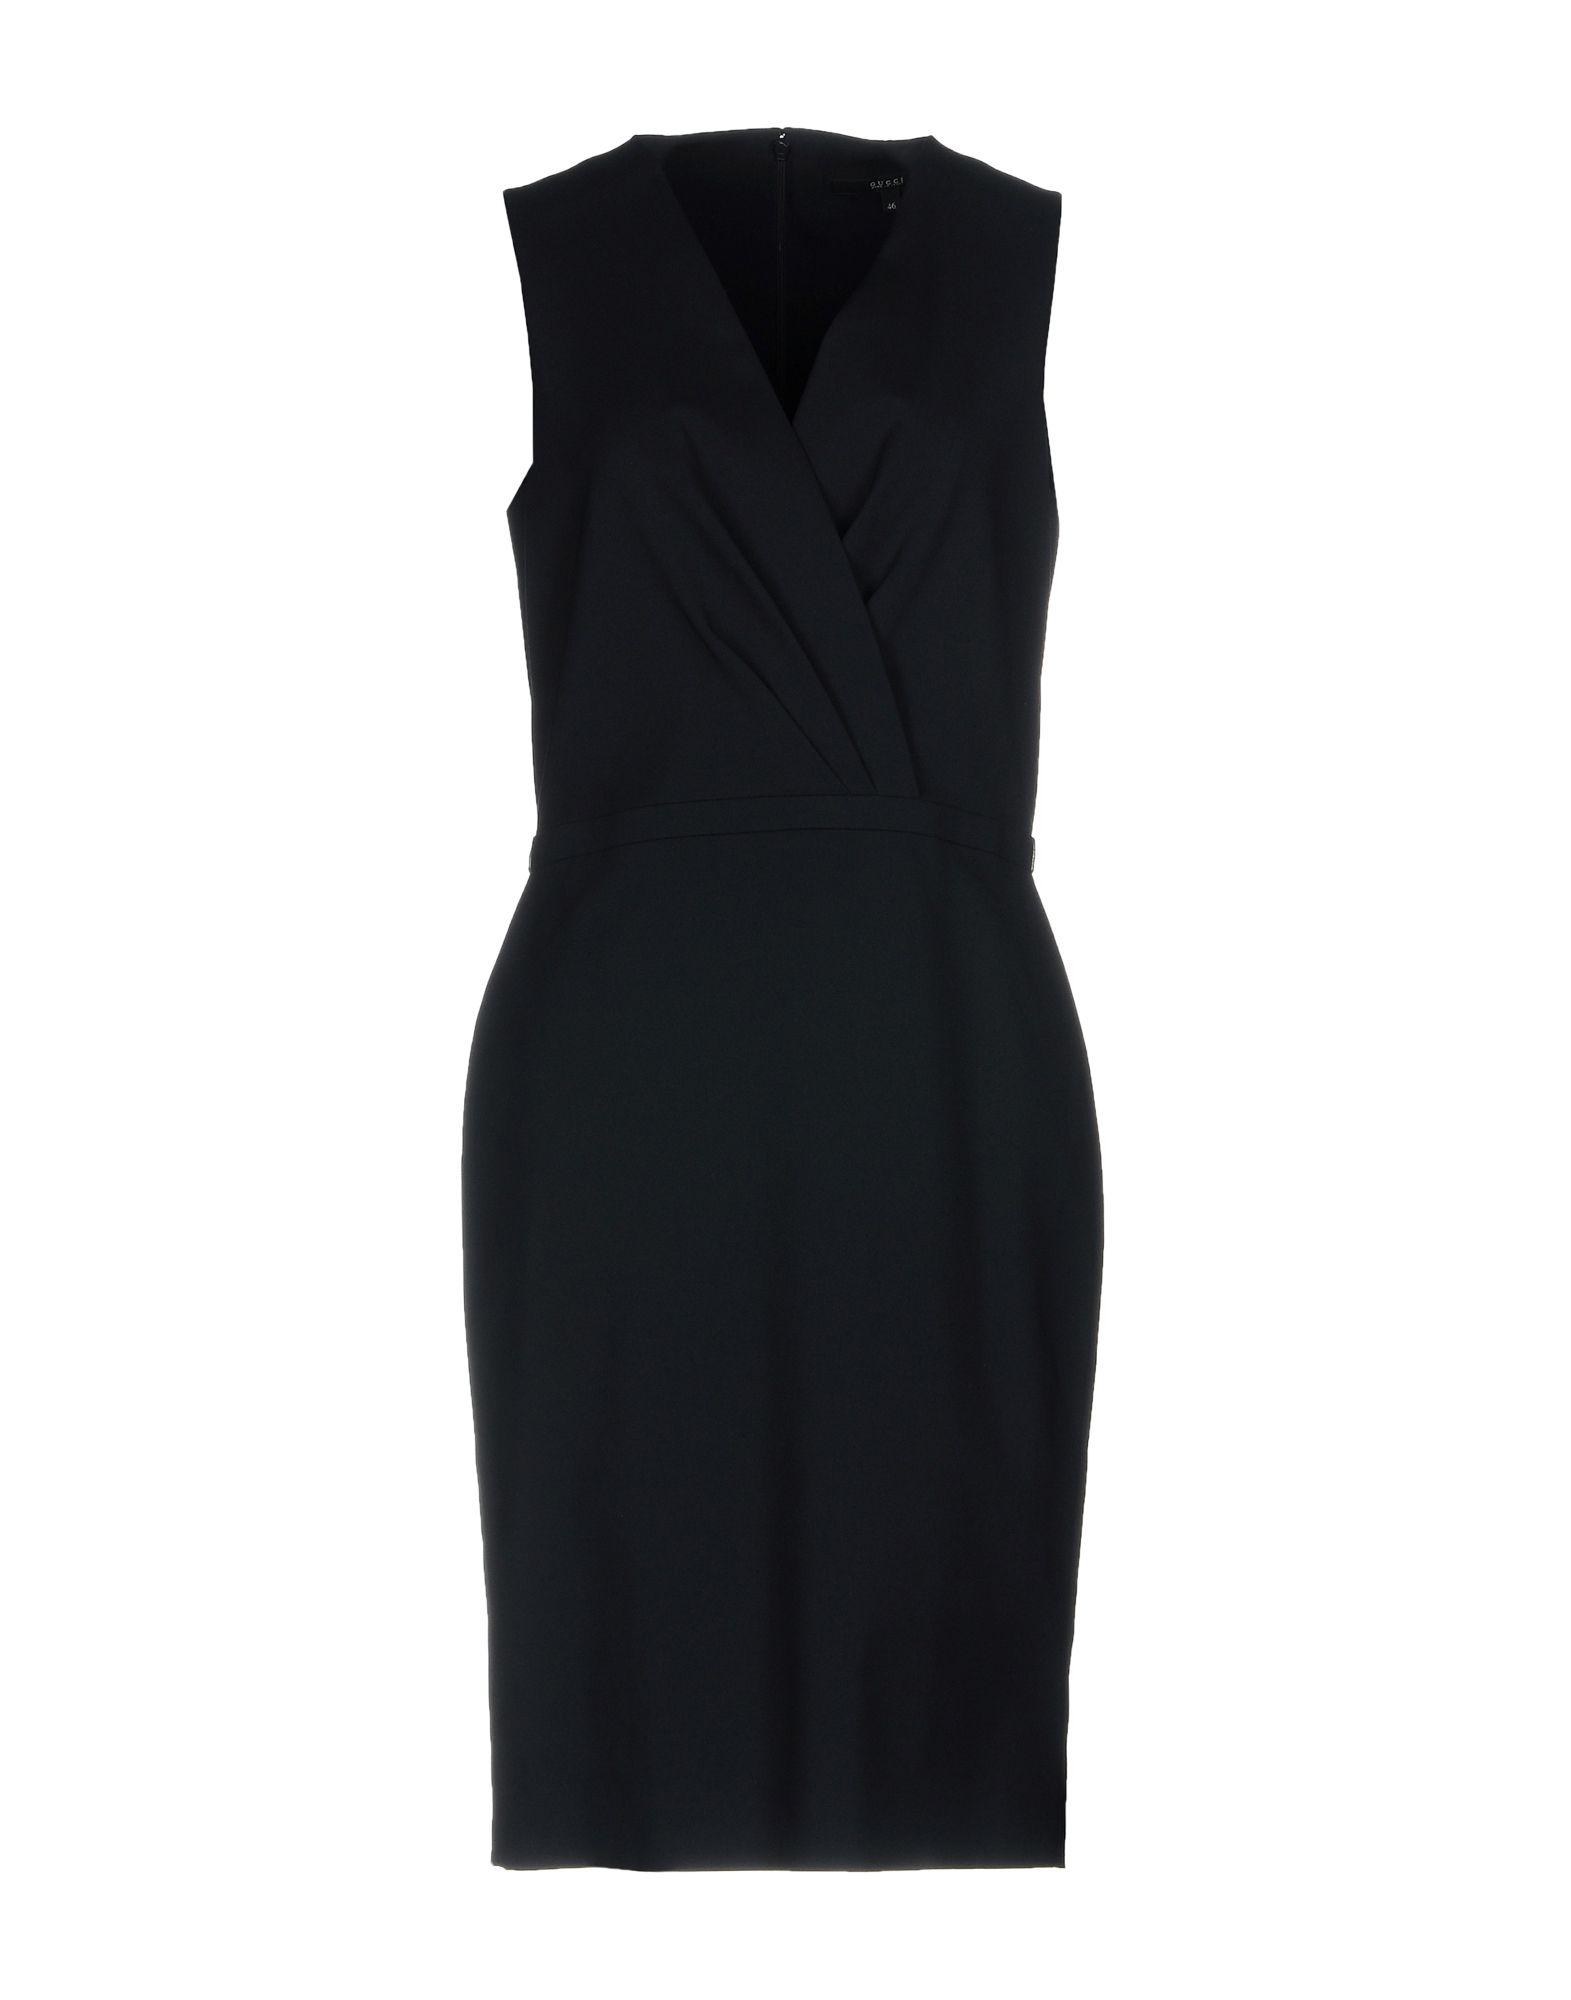 GUCCI Damen Knielanges Kleid Farbe Dunkelblau Größe 6